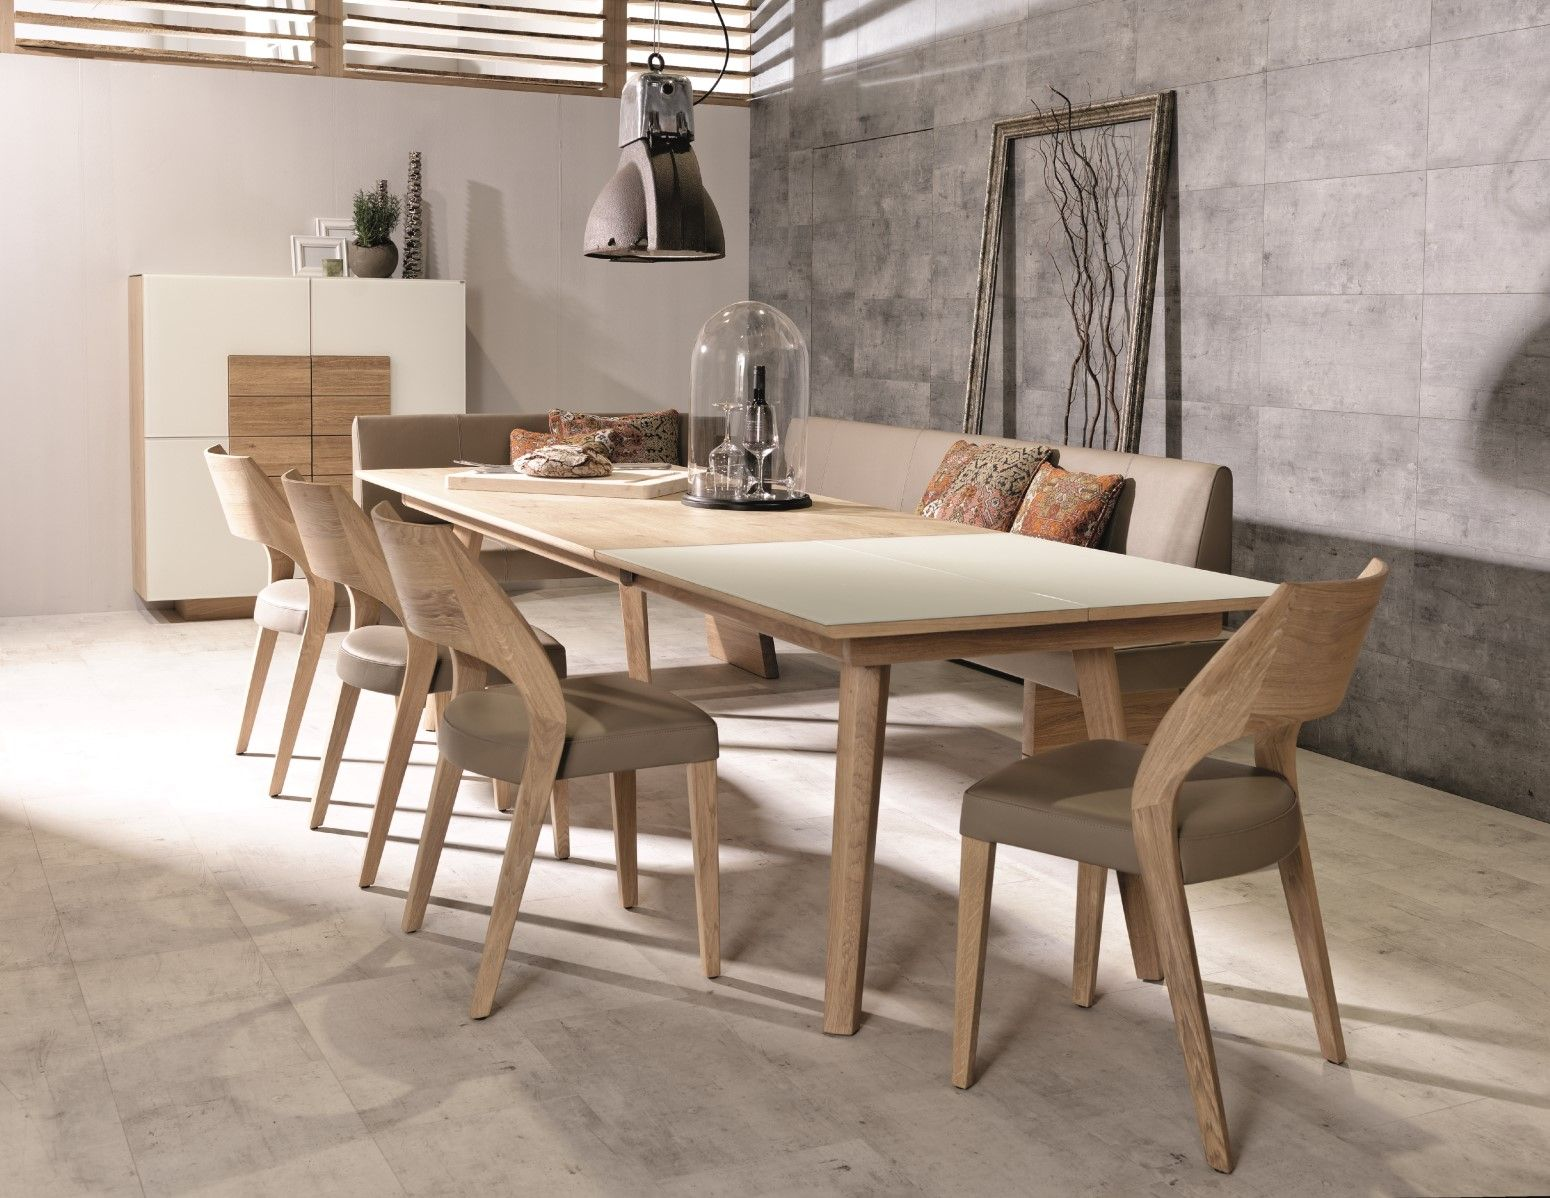 Voglauer V Montana Tisch Stuhl Voglauer Esszimmer Mobel Haus Deko